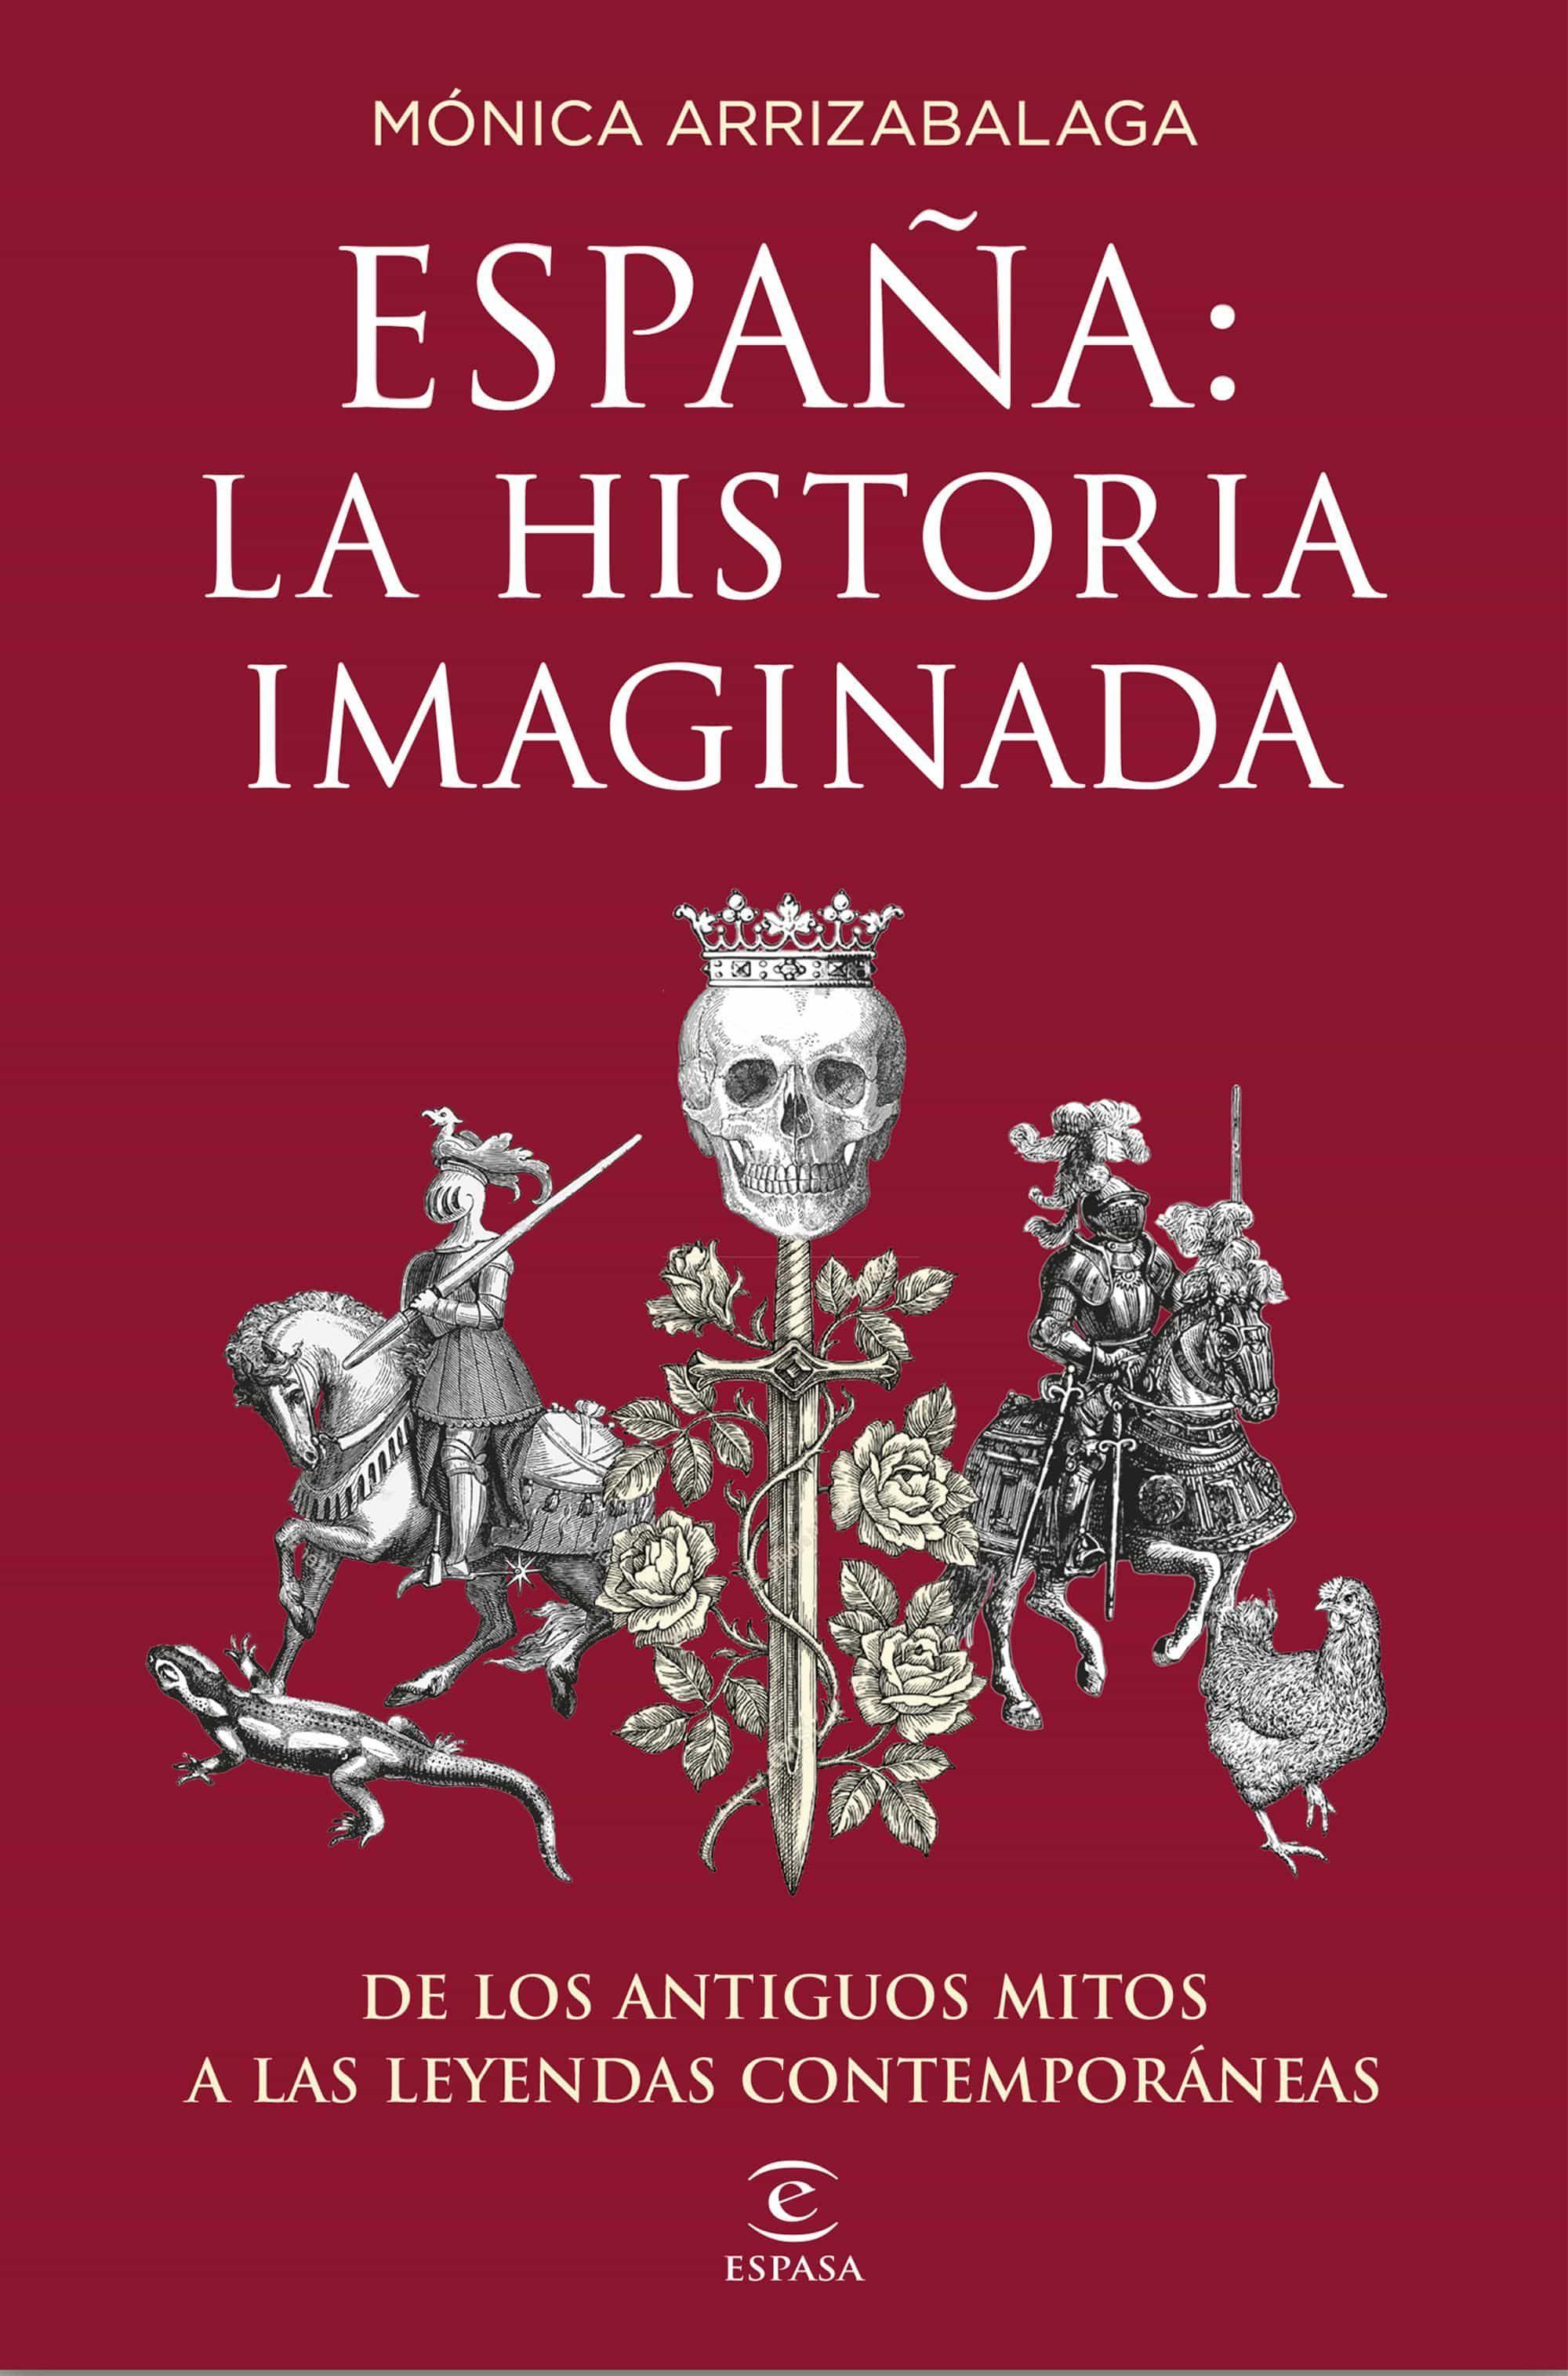 España: La Historia Imaginada: De Los Antiguos Mitos A Las Leyendas Contemporaneas por Monica Arrizabalaga